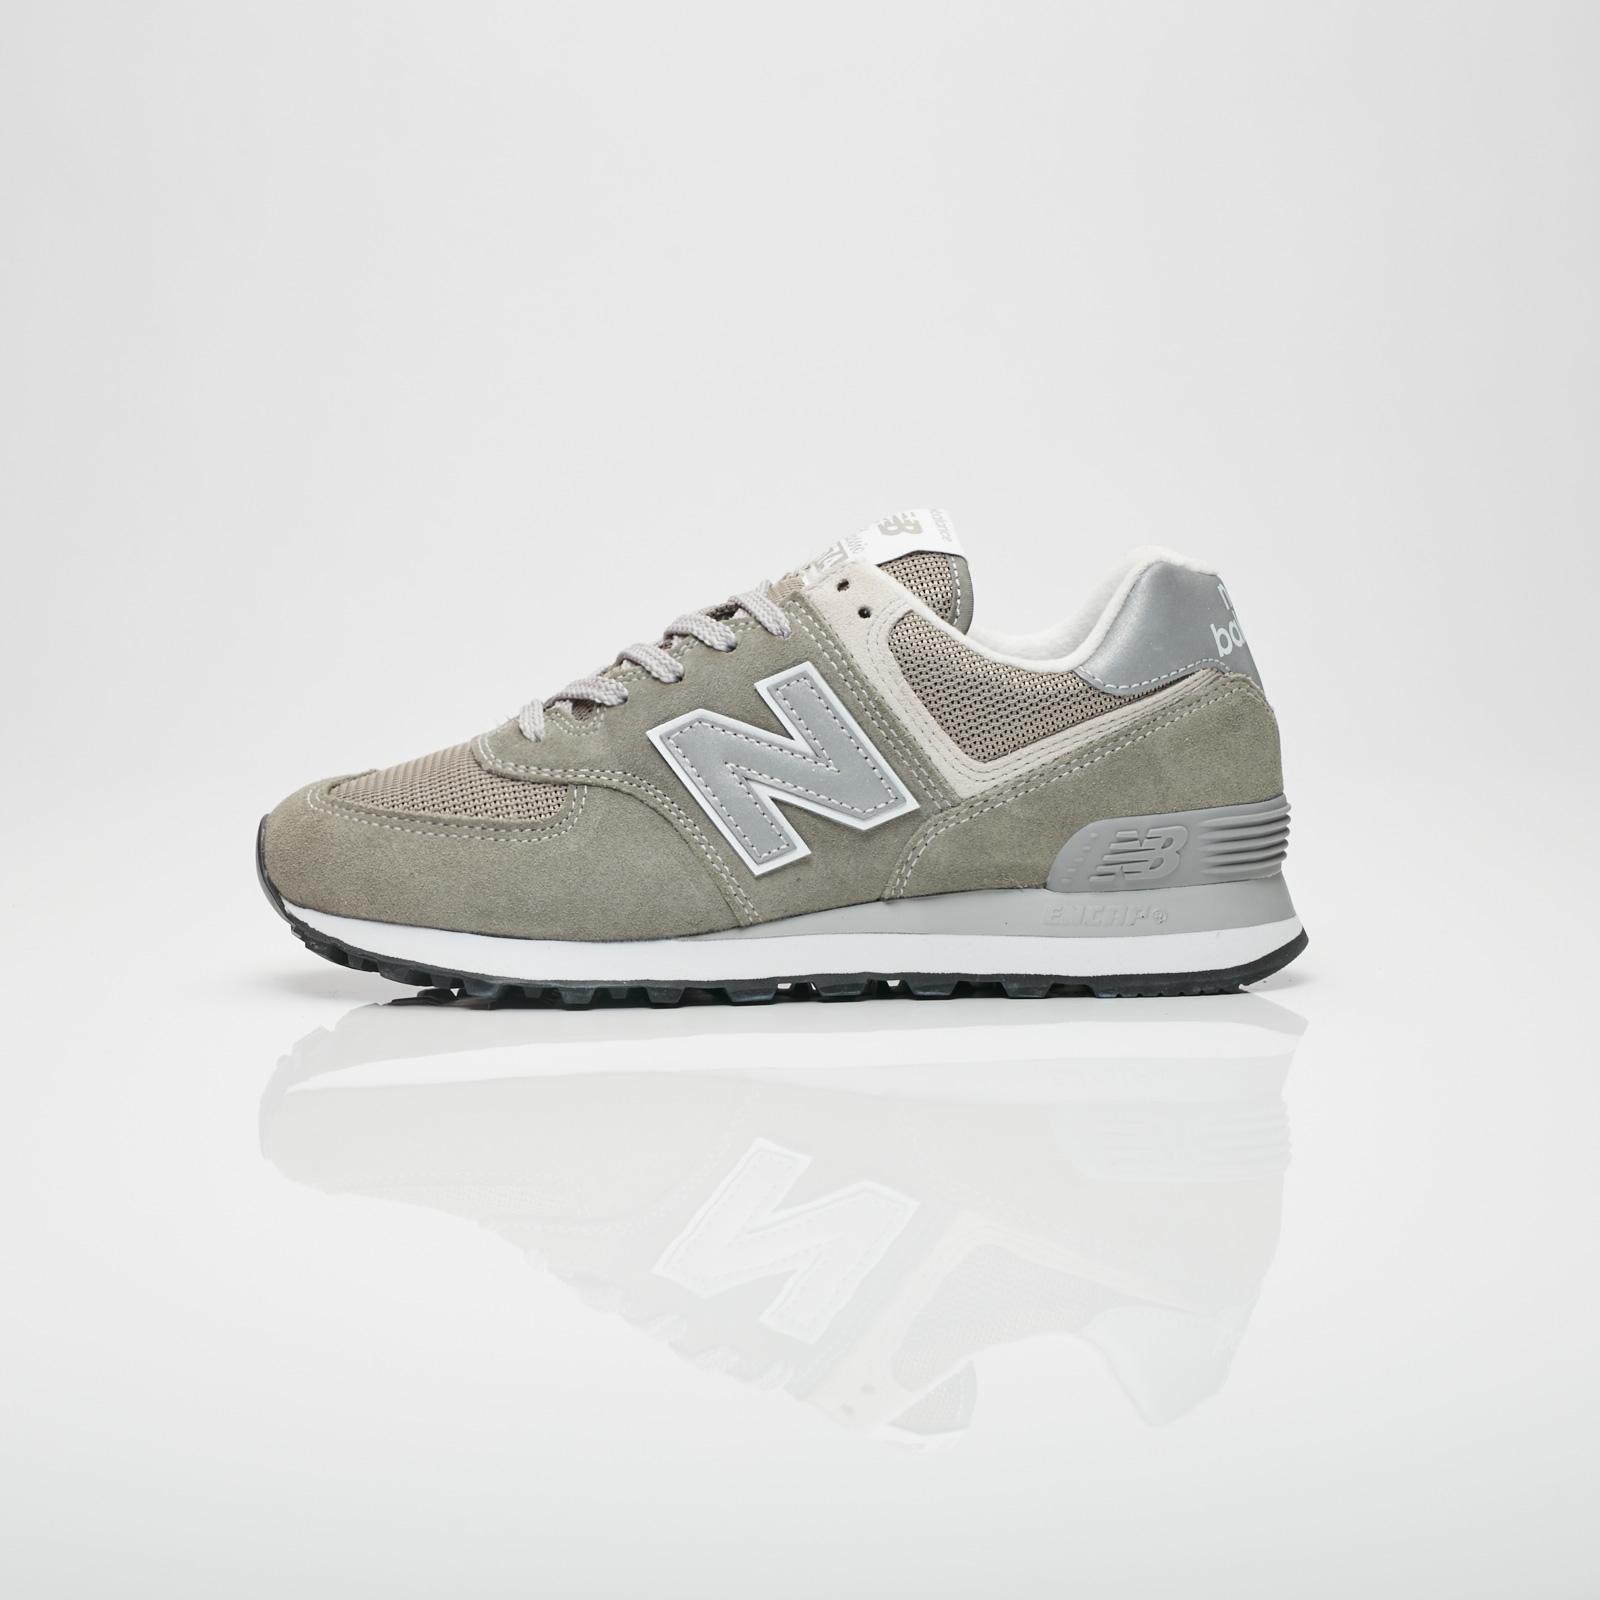 New balance 1400 köpa